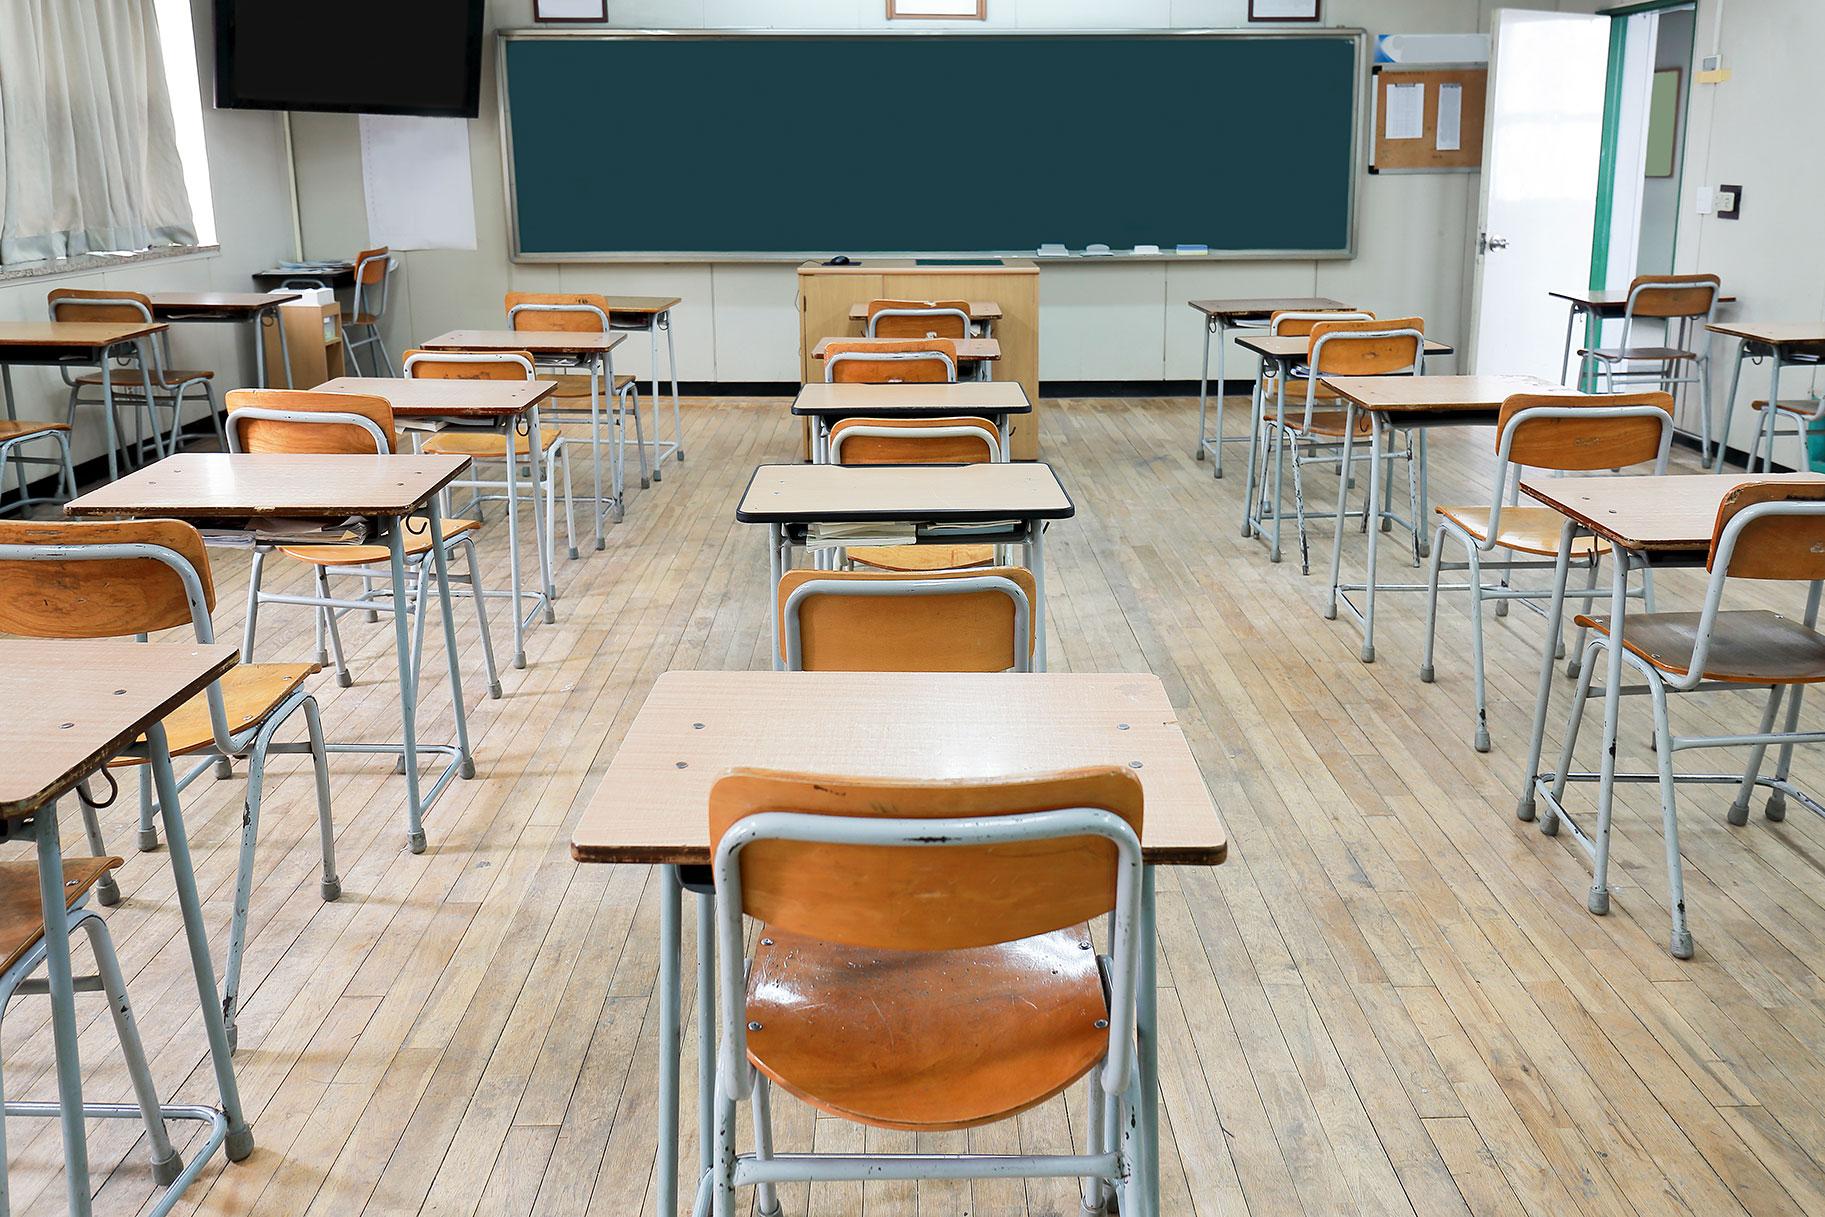 מייסד בית הספר הפרטי כריסטיאן מתחנן על תלמידי מכות, חנק